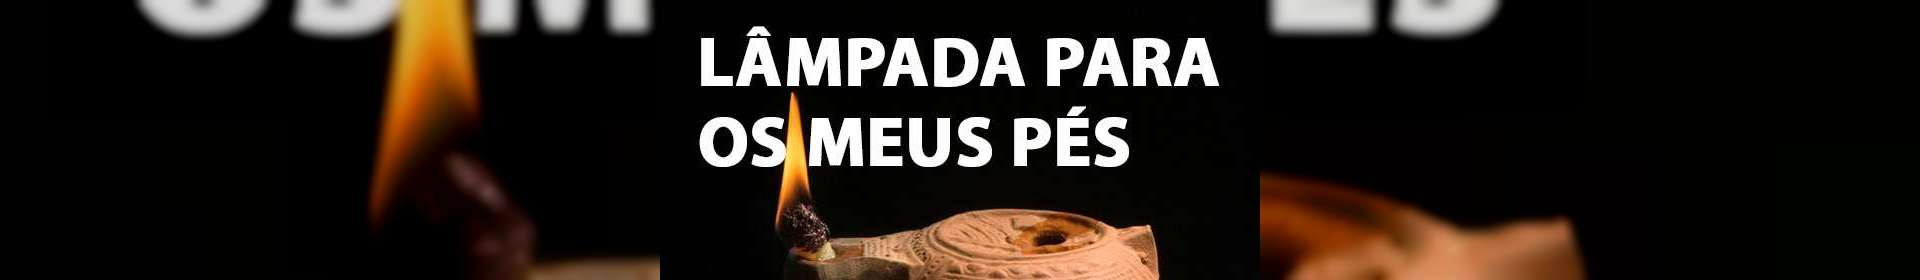 Lâmpada Para os Meus Pés - 23/12/2019